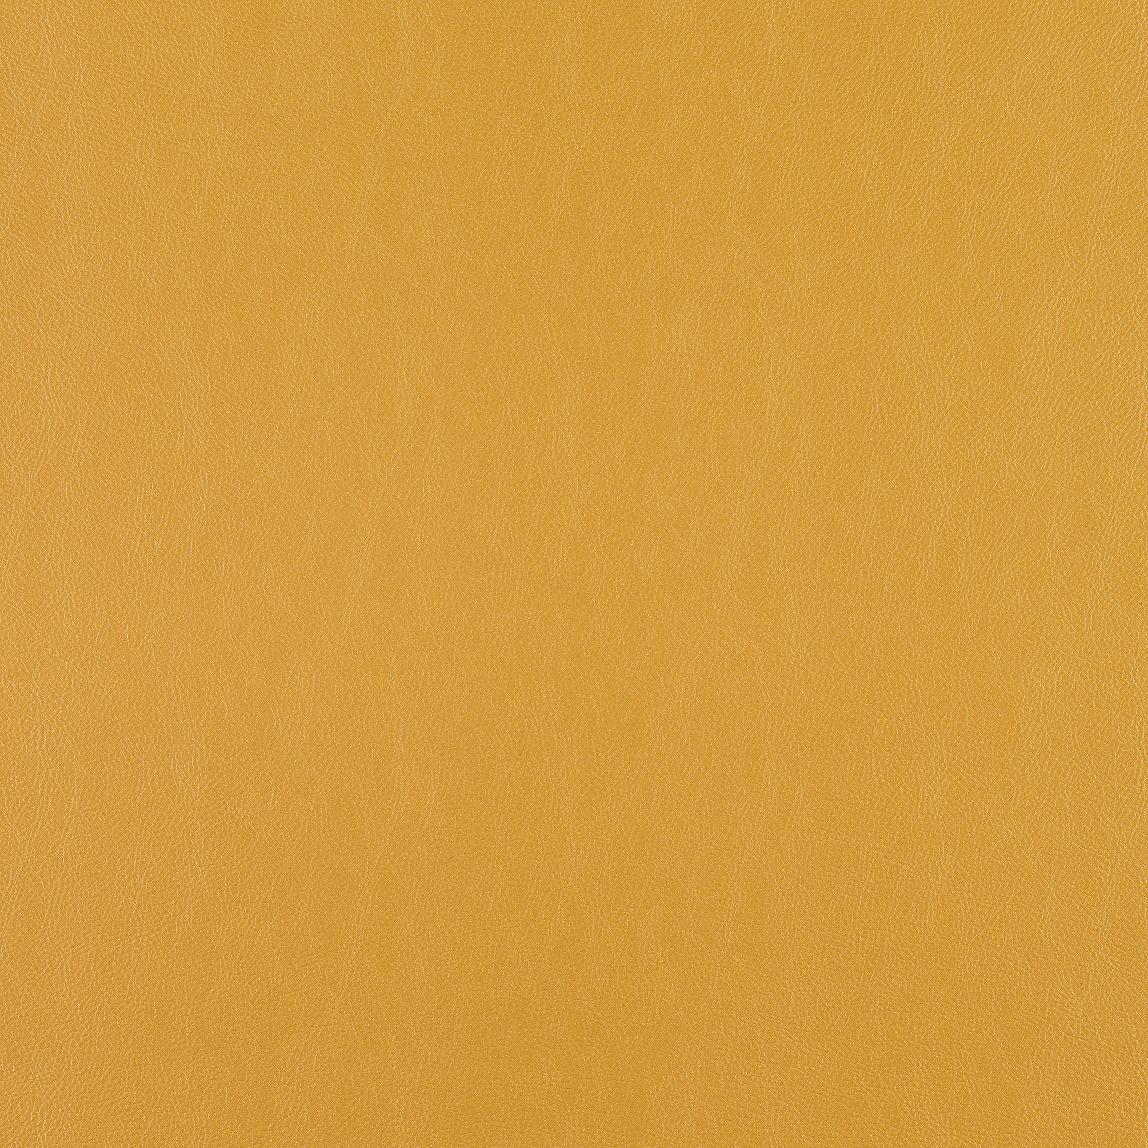 Lariat Tamarind Swatch